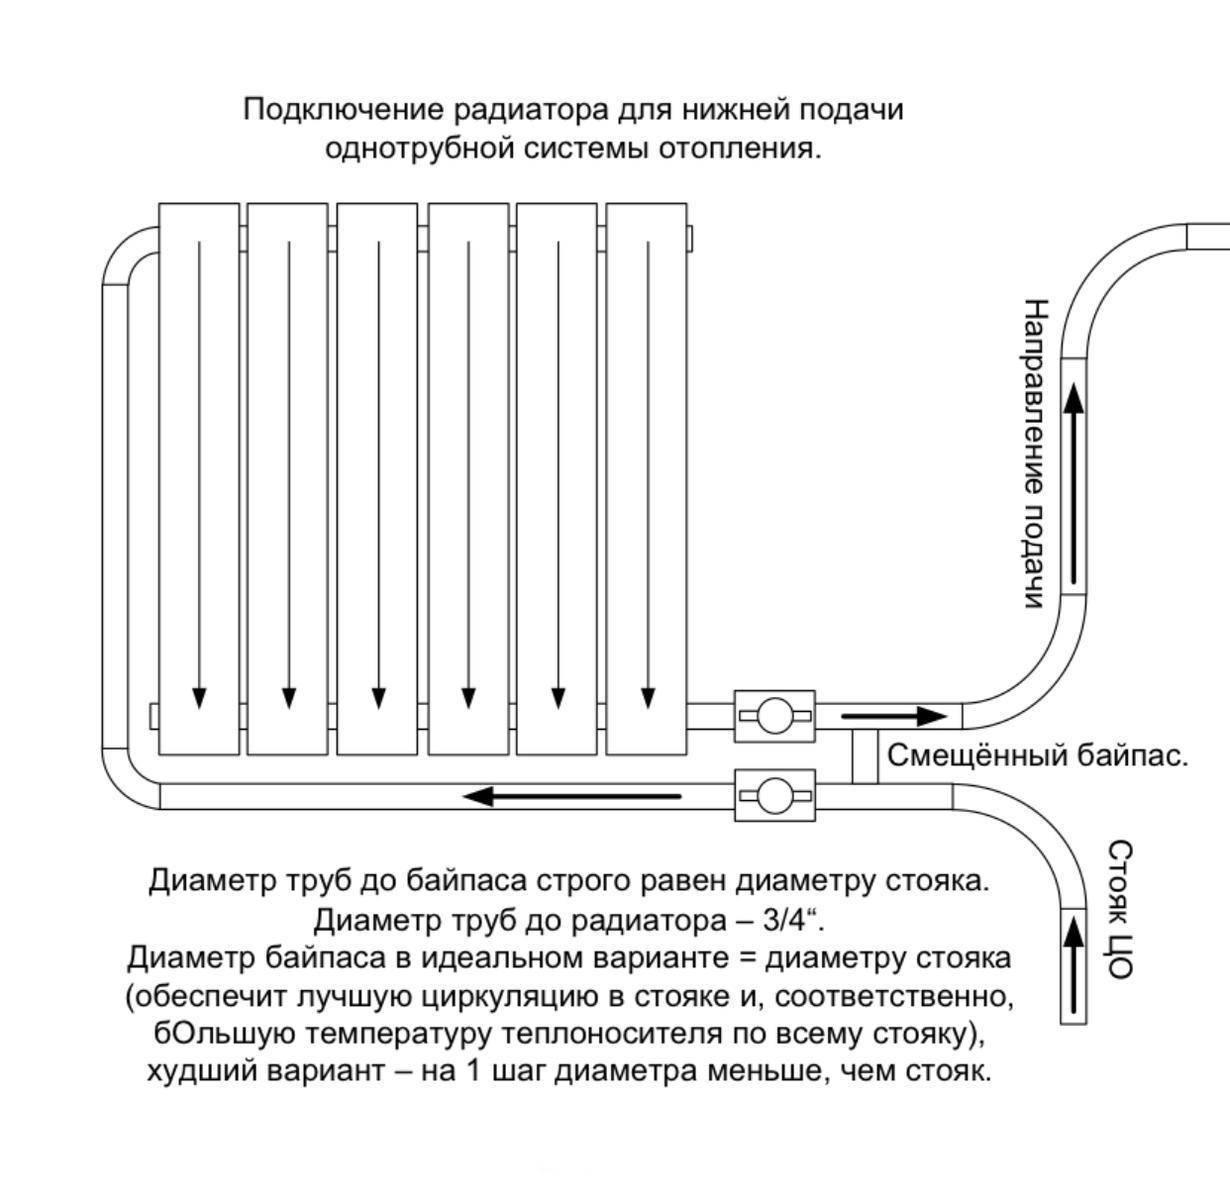 Подключение радиаторов отопления: как правильно подключить последние батареи в доме, как подсоединить краны и узлы в системе, фото